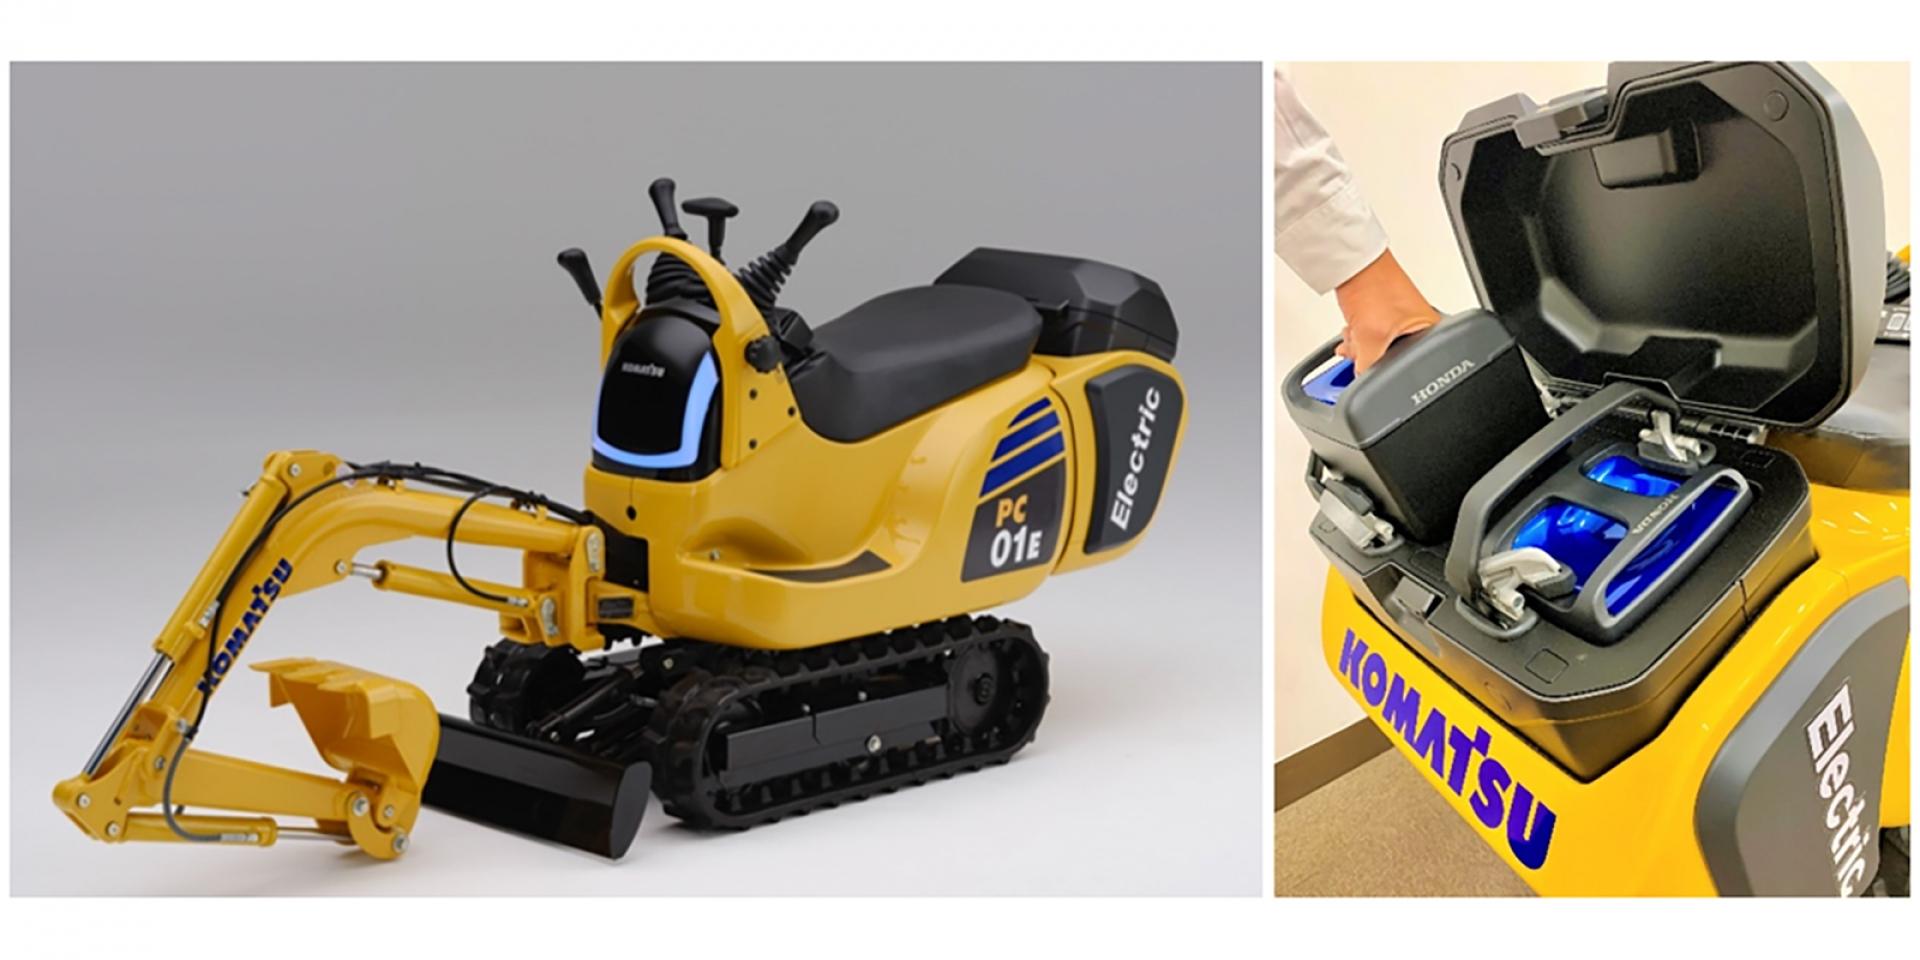 不只換電機車,HONDA與KOMATSU聯合開發「PC01 換電挖土機」!